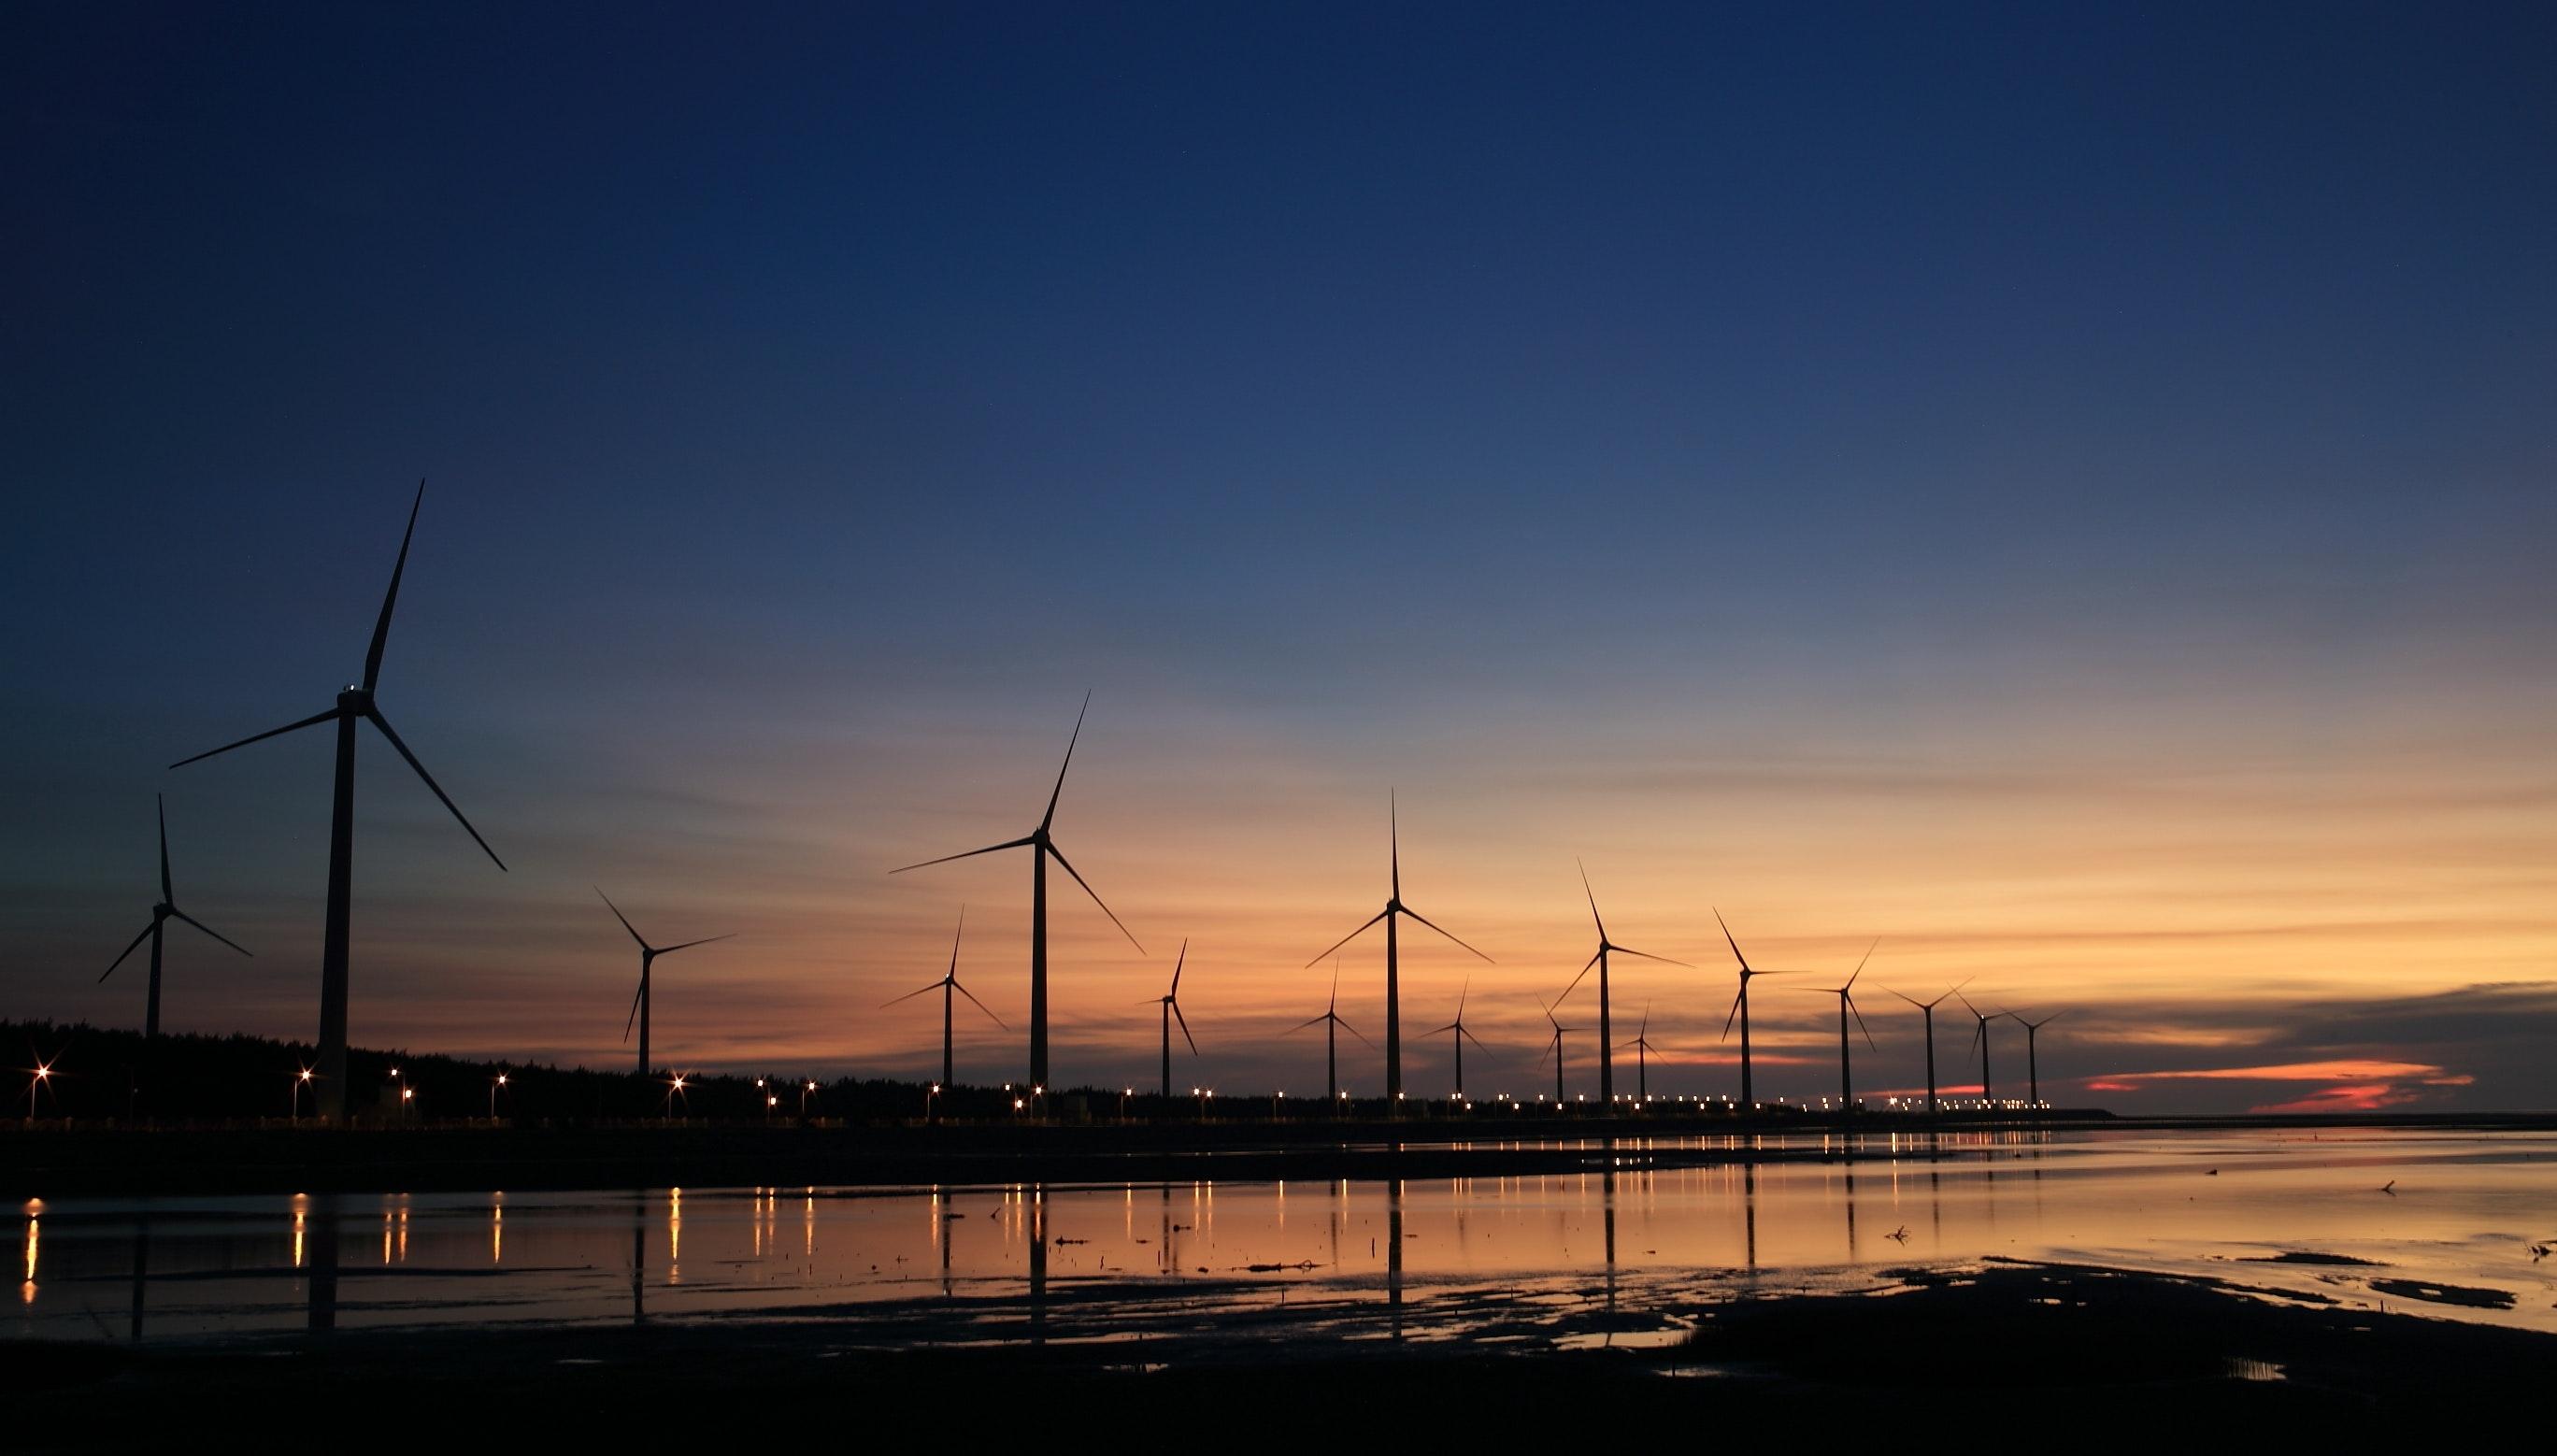 clouds-dawn-dusk-157039